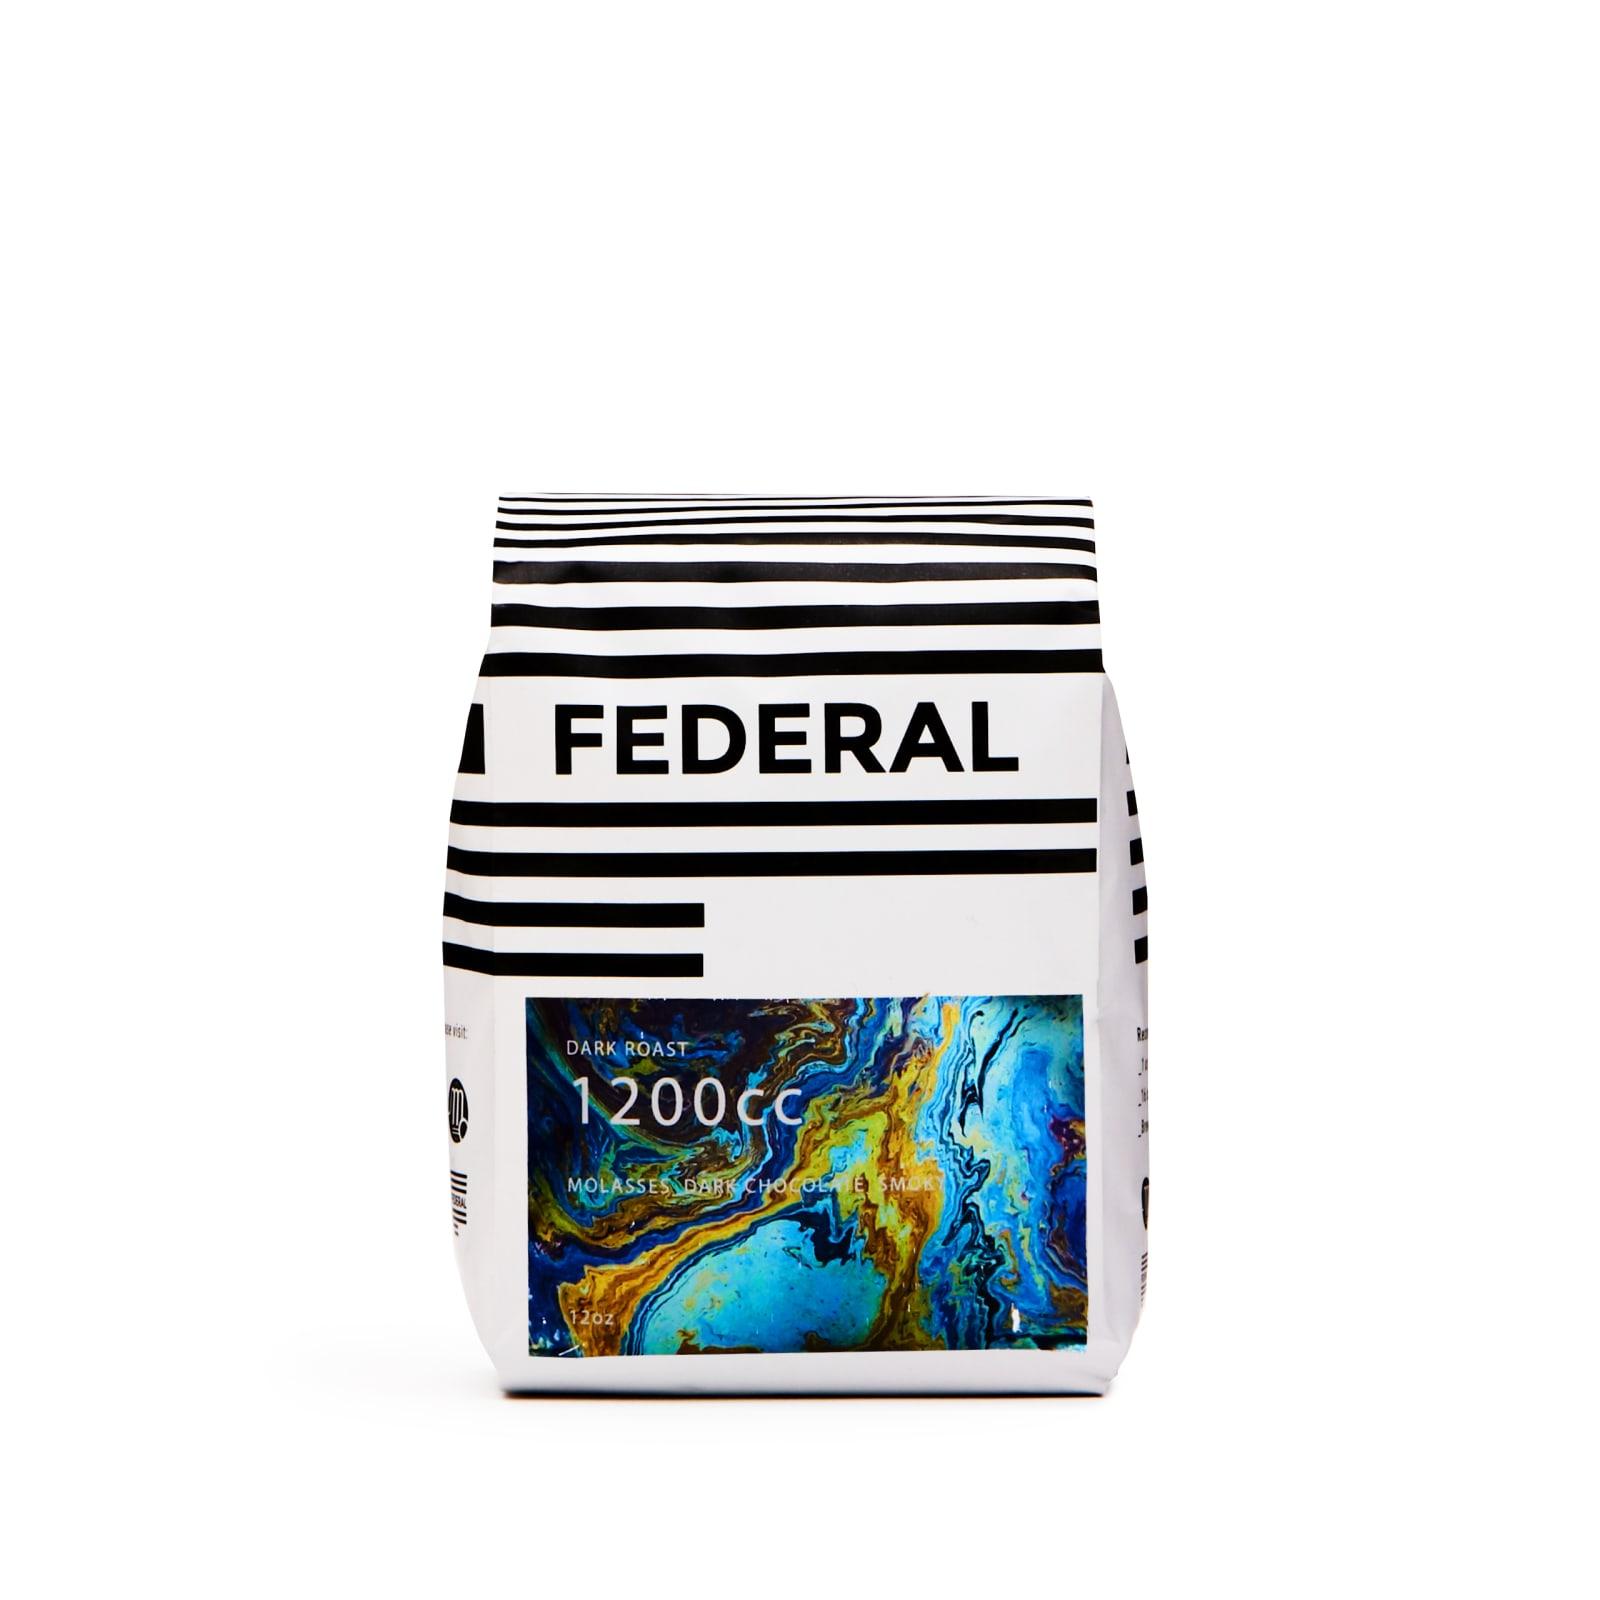 Federal Motor Coffee 1200 CC